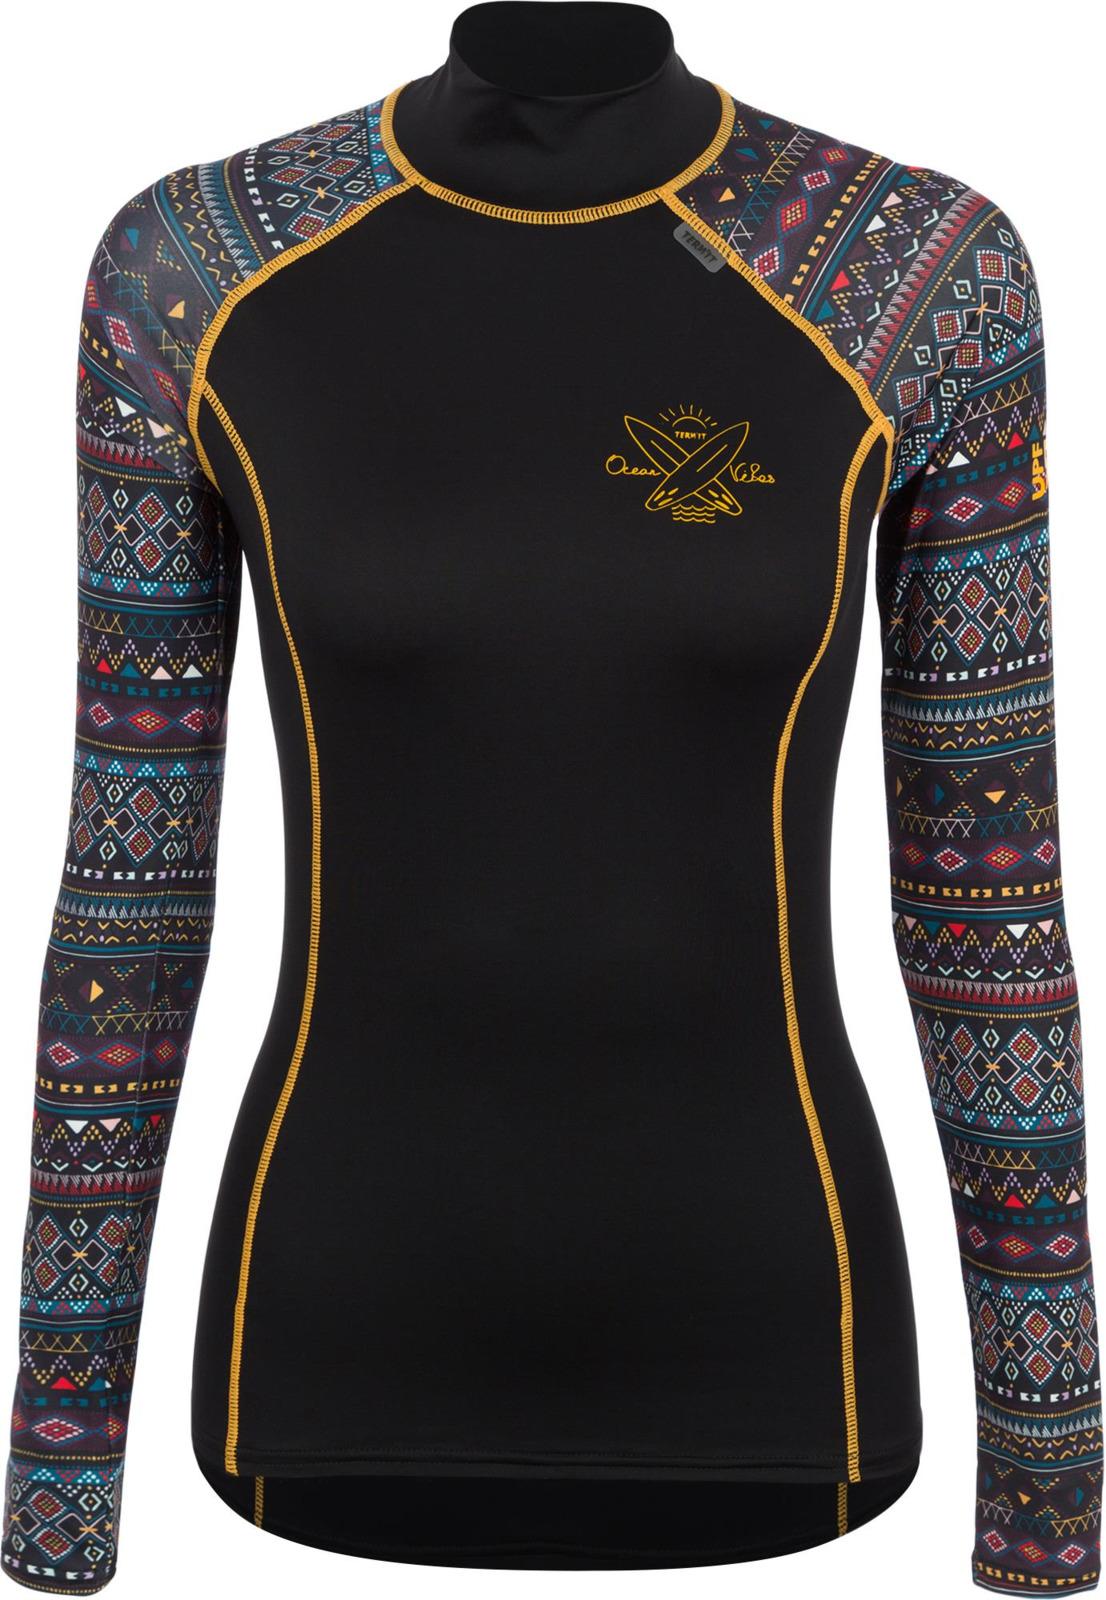 Лонгслив Termit туника женская termit women s blouse цвет разноцветный s19atetuw04 mx размер l 48